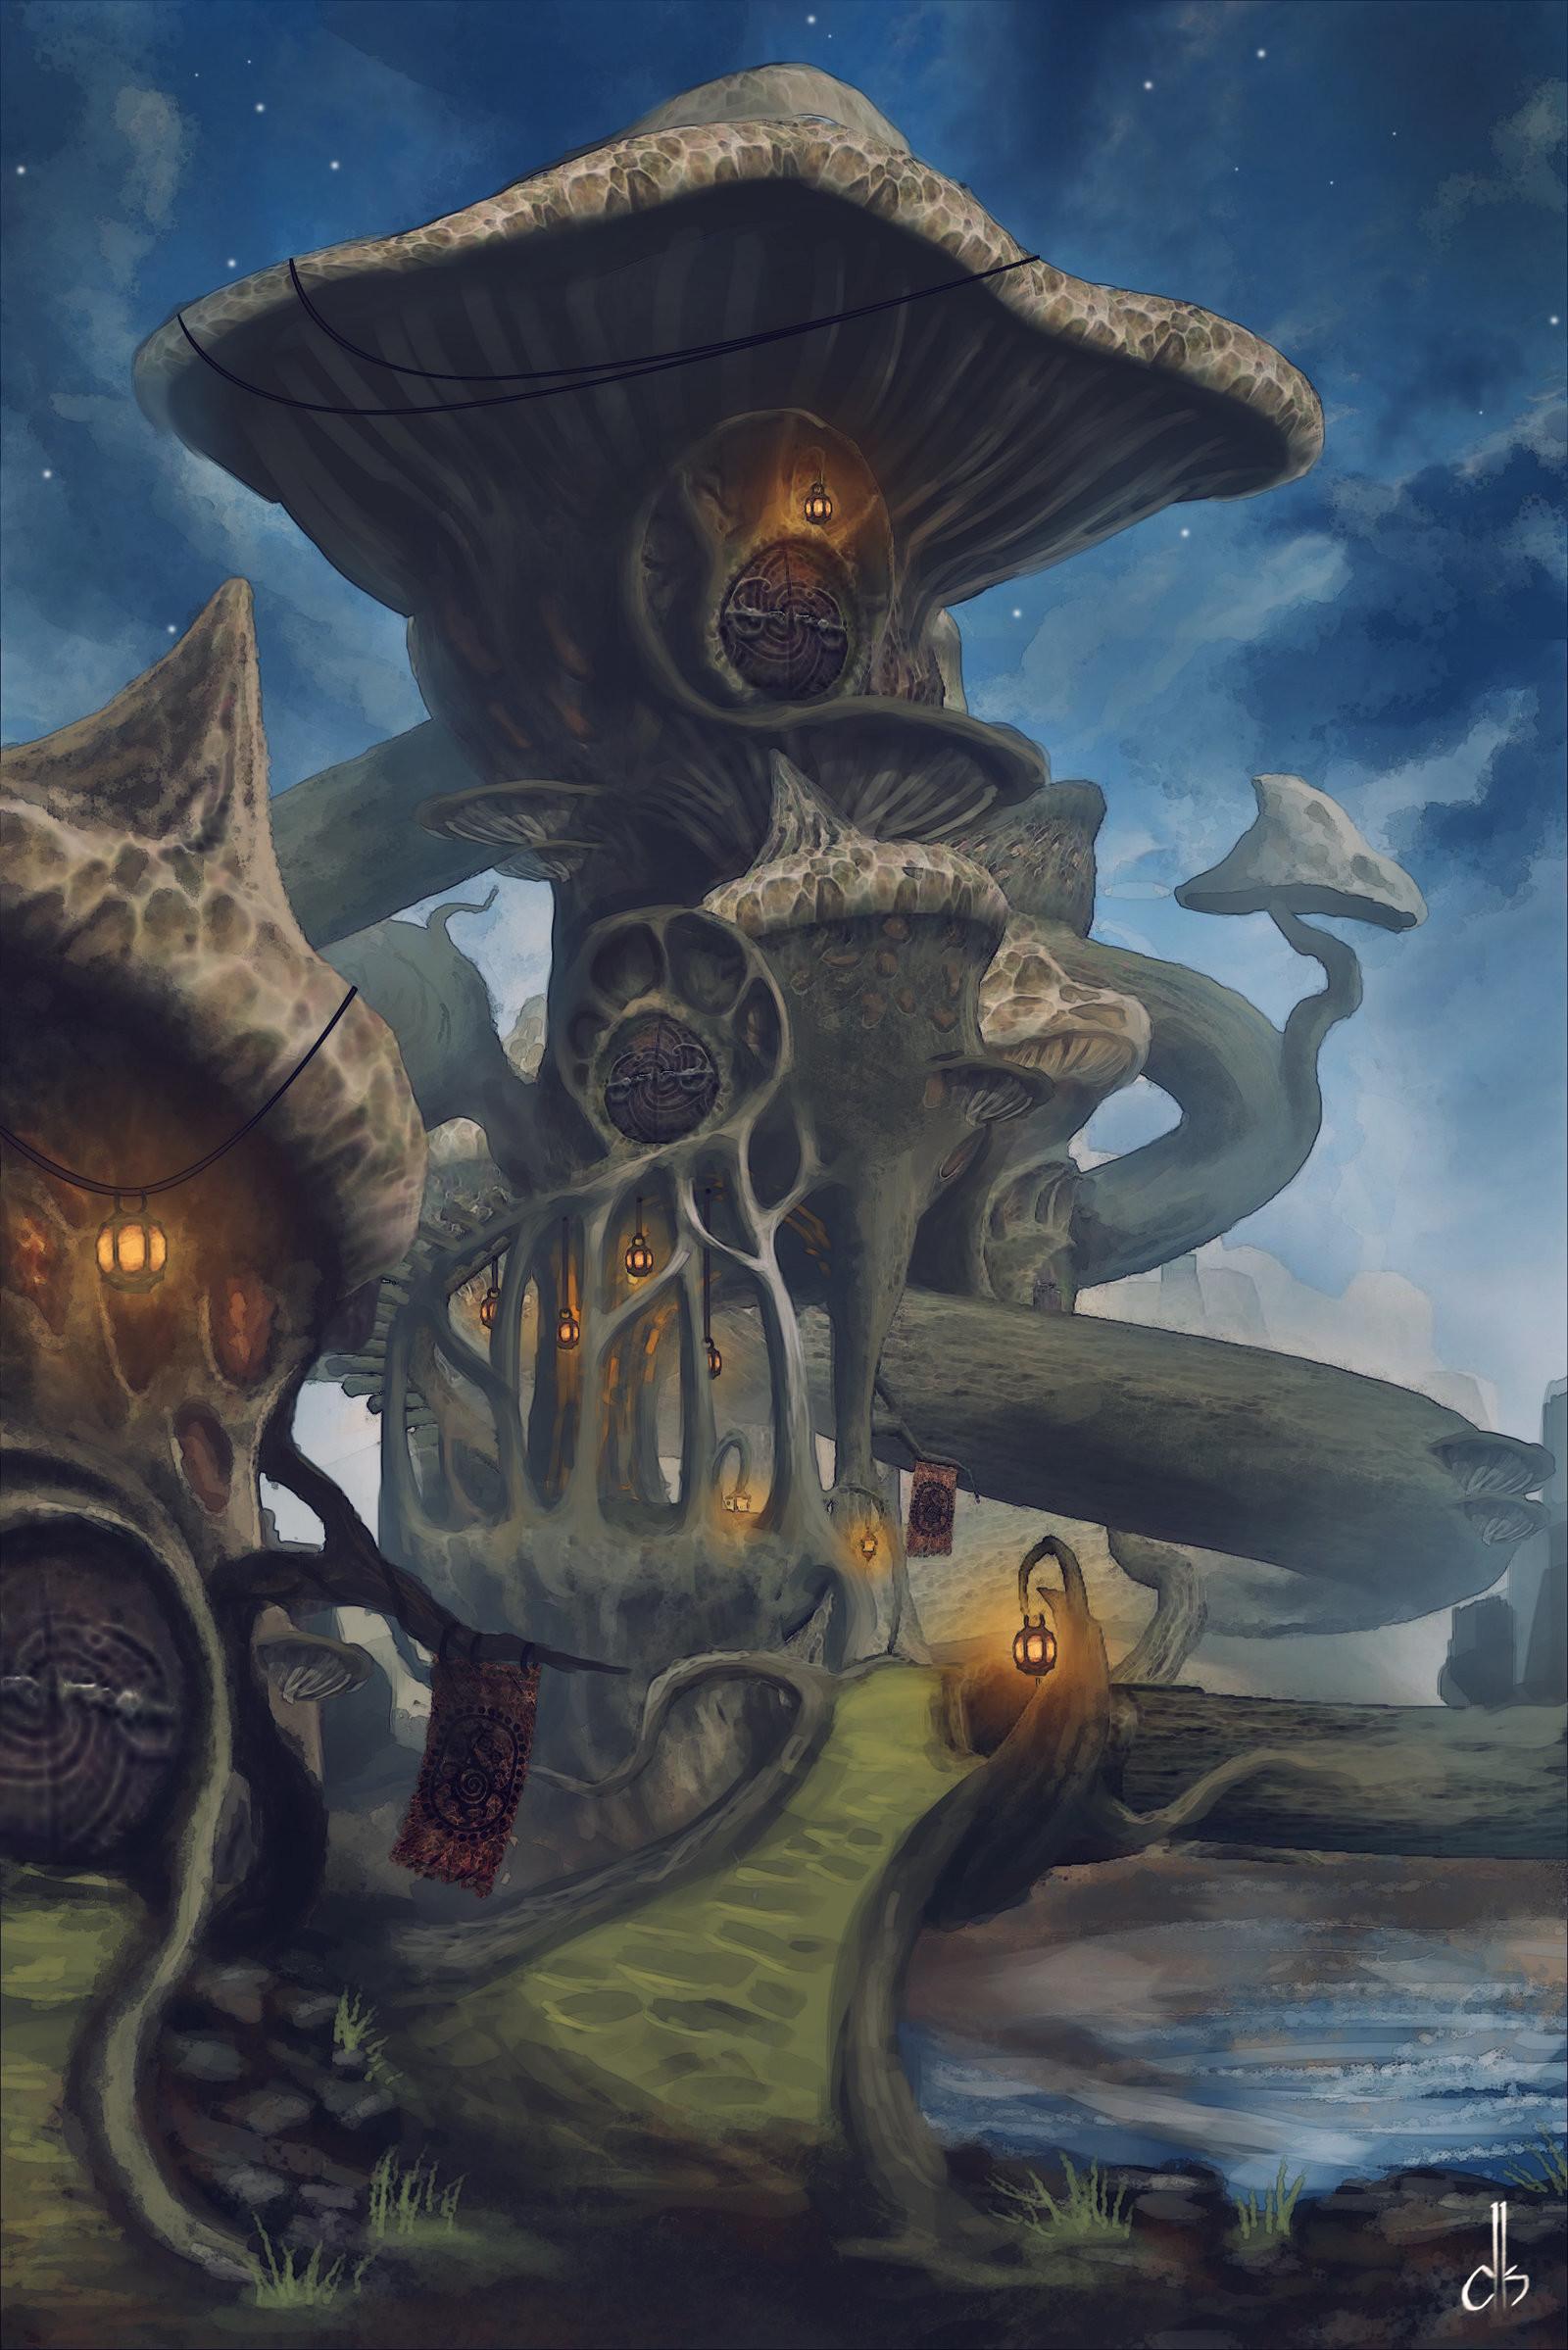 Skywind – Zafirbel Bay II by Verticae | Morrowind | Pinterest | Skyrim,  Gaming and Video games